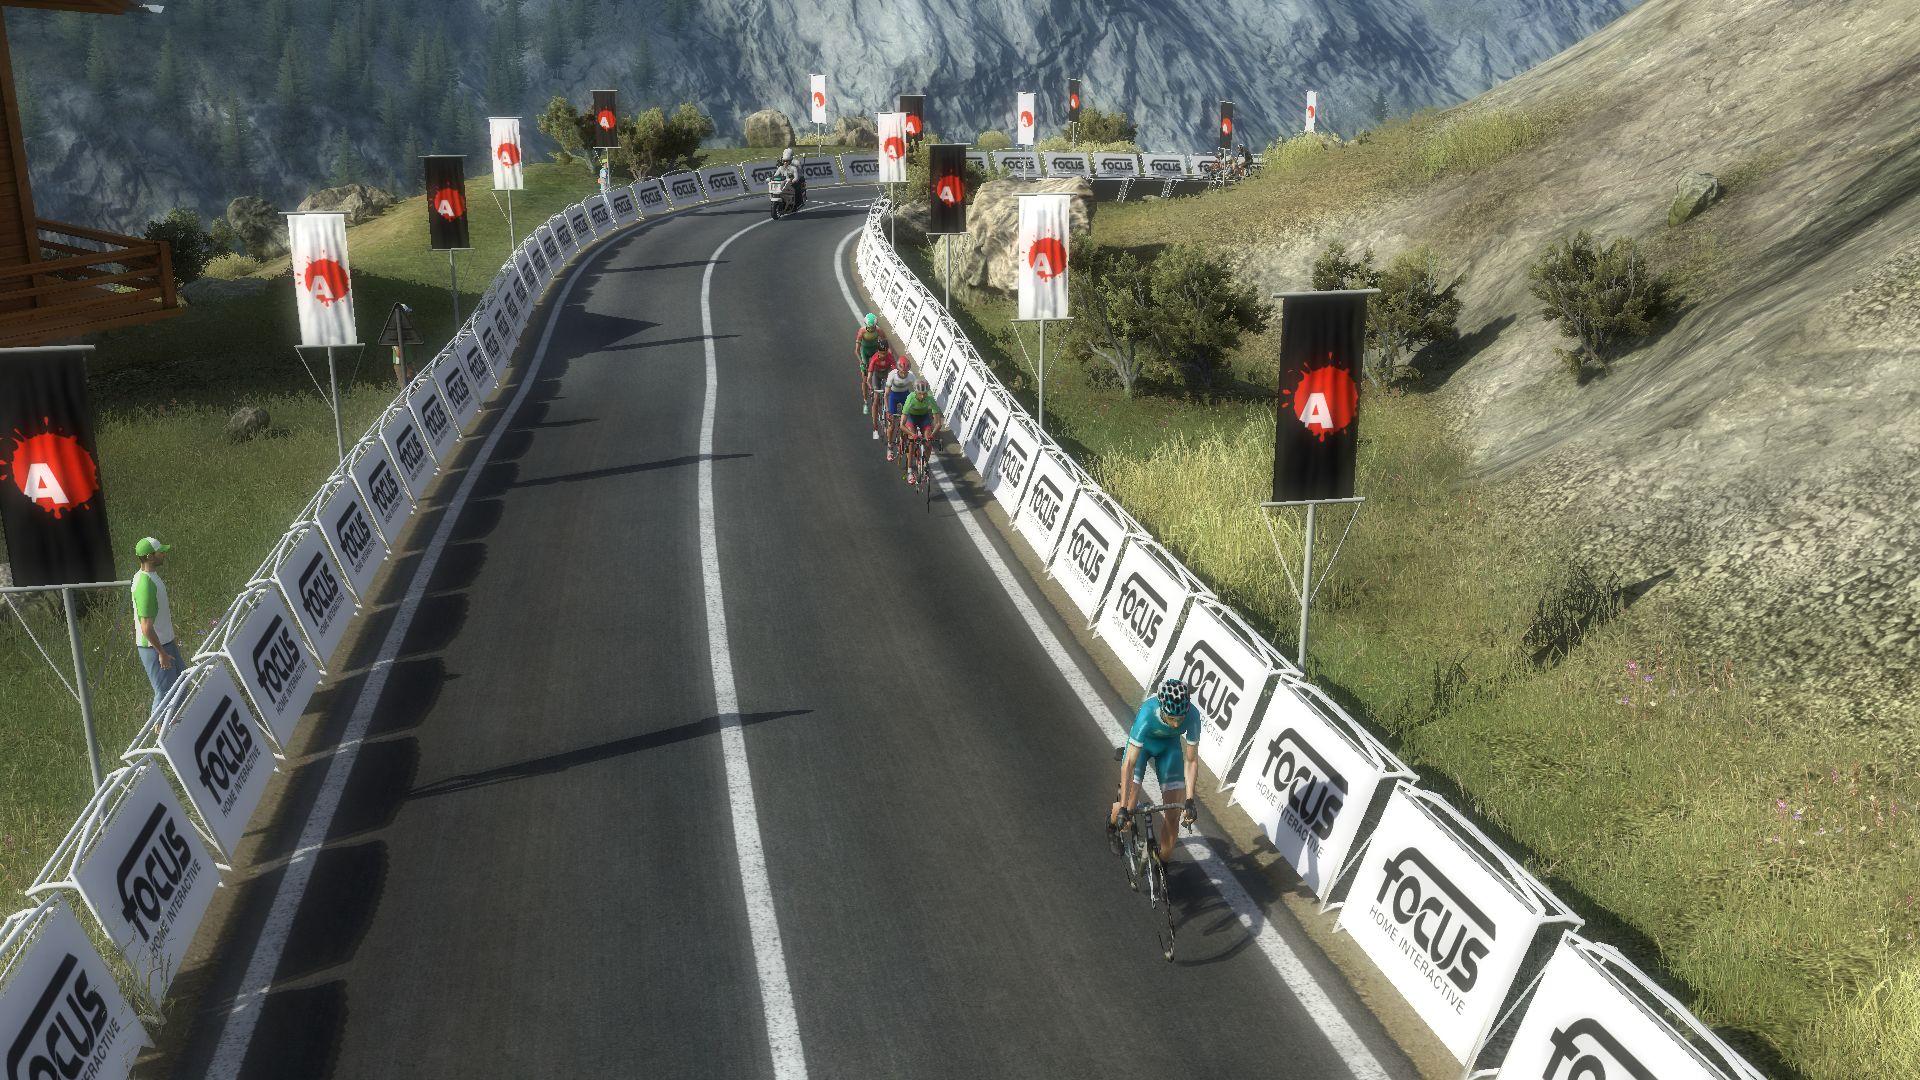 pcmdaily.com/images/mg/2020/Reports/C1/Andorra/TdAS5%2025.jpg